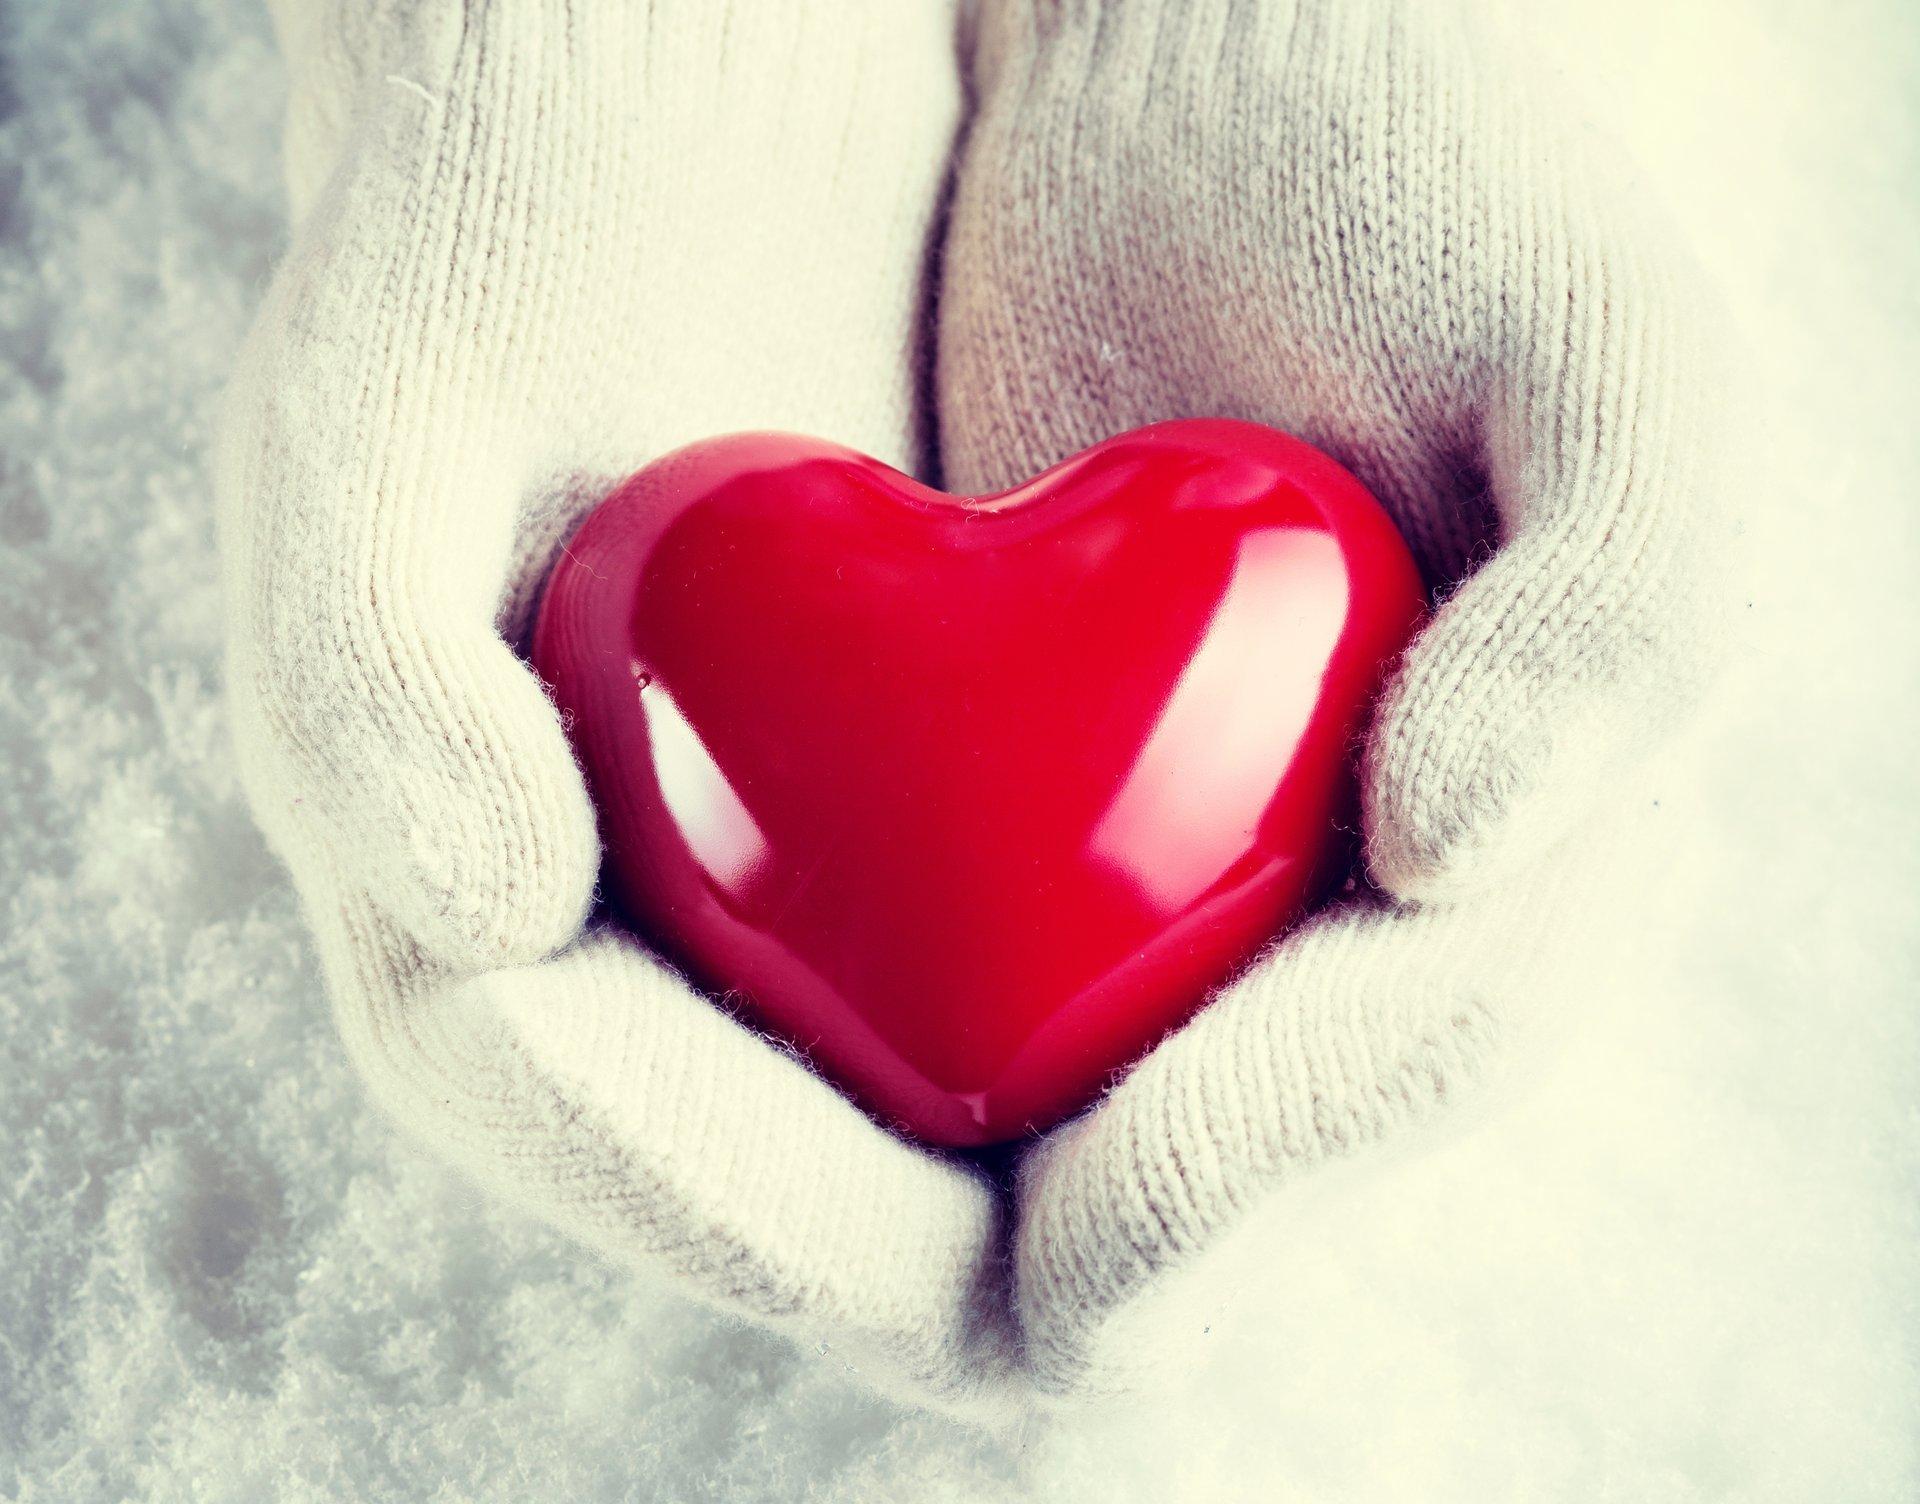 Красивые картинки на аву сердечки